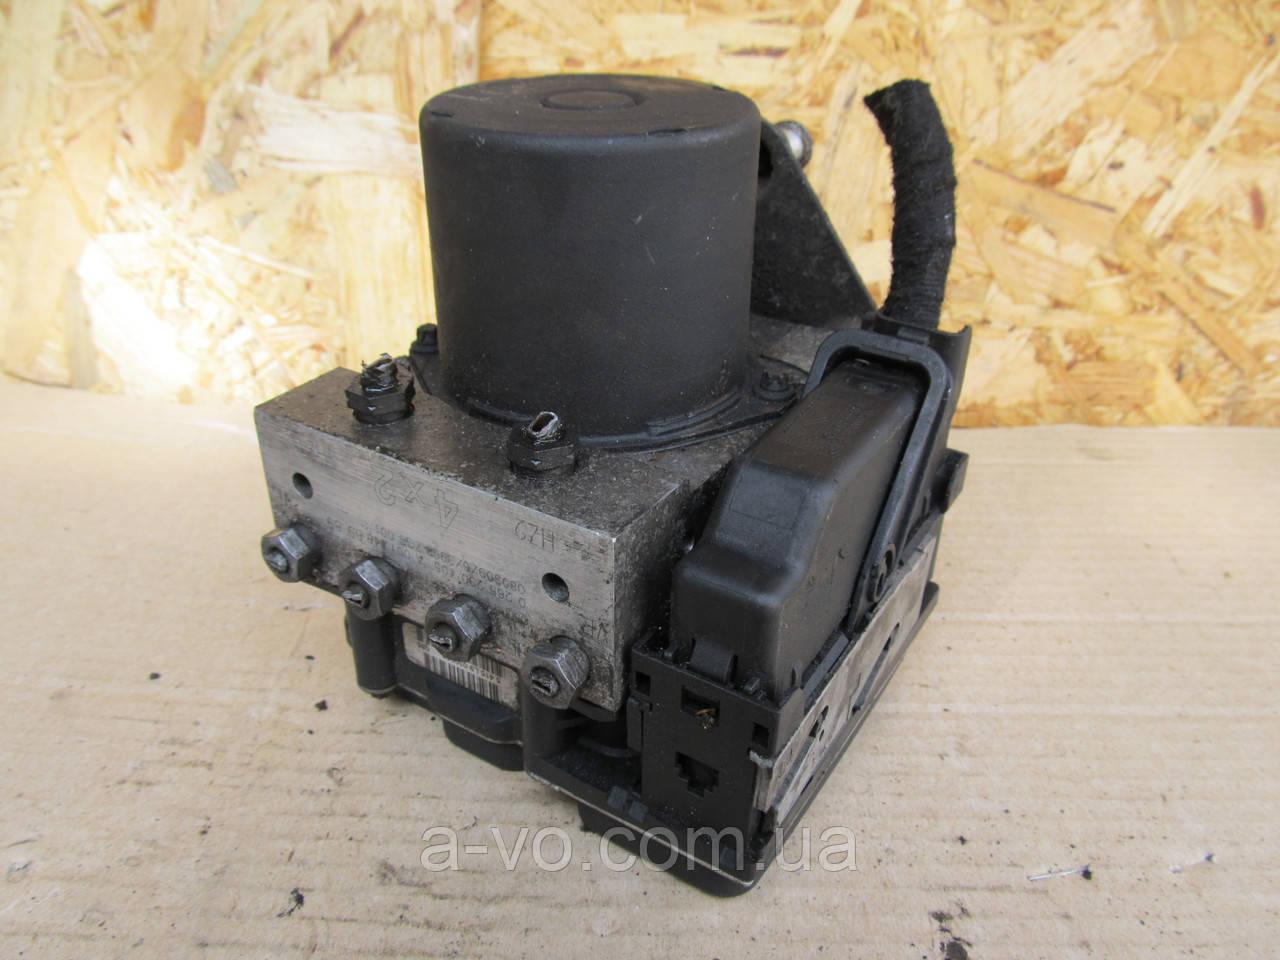 Блок ABS для Mercedes Vito Viano W639, A0014468989, 0265230405, 0265951106